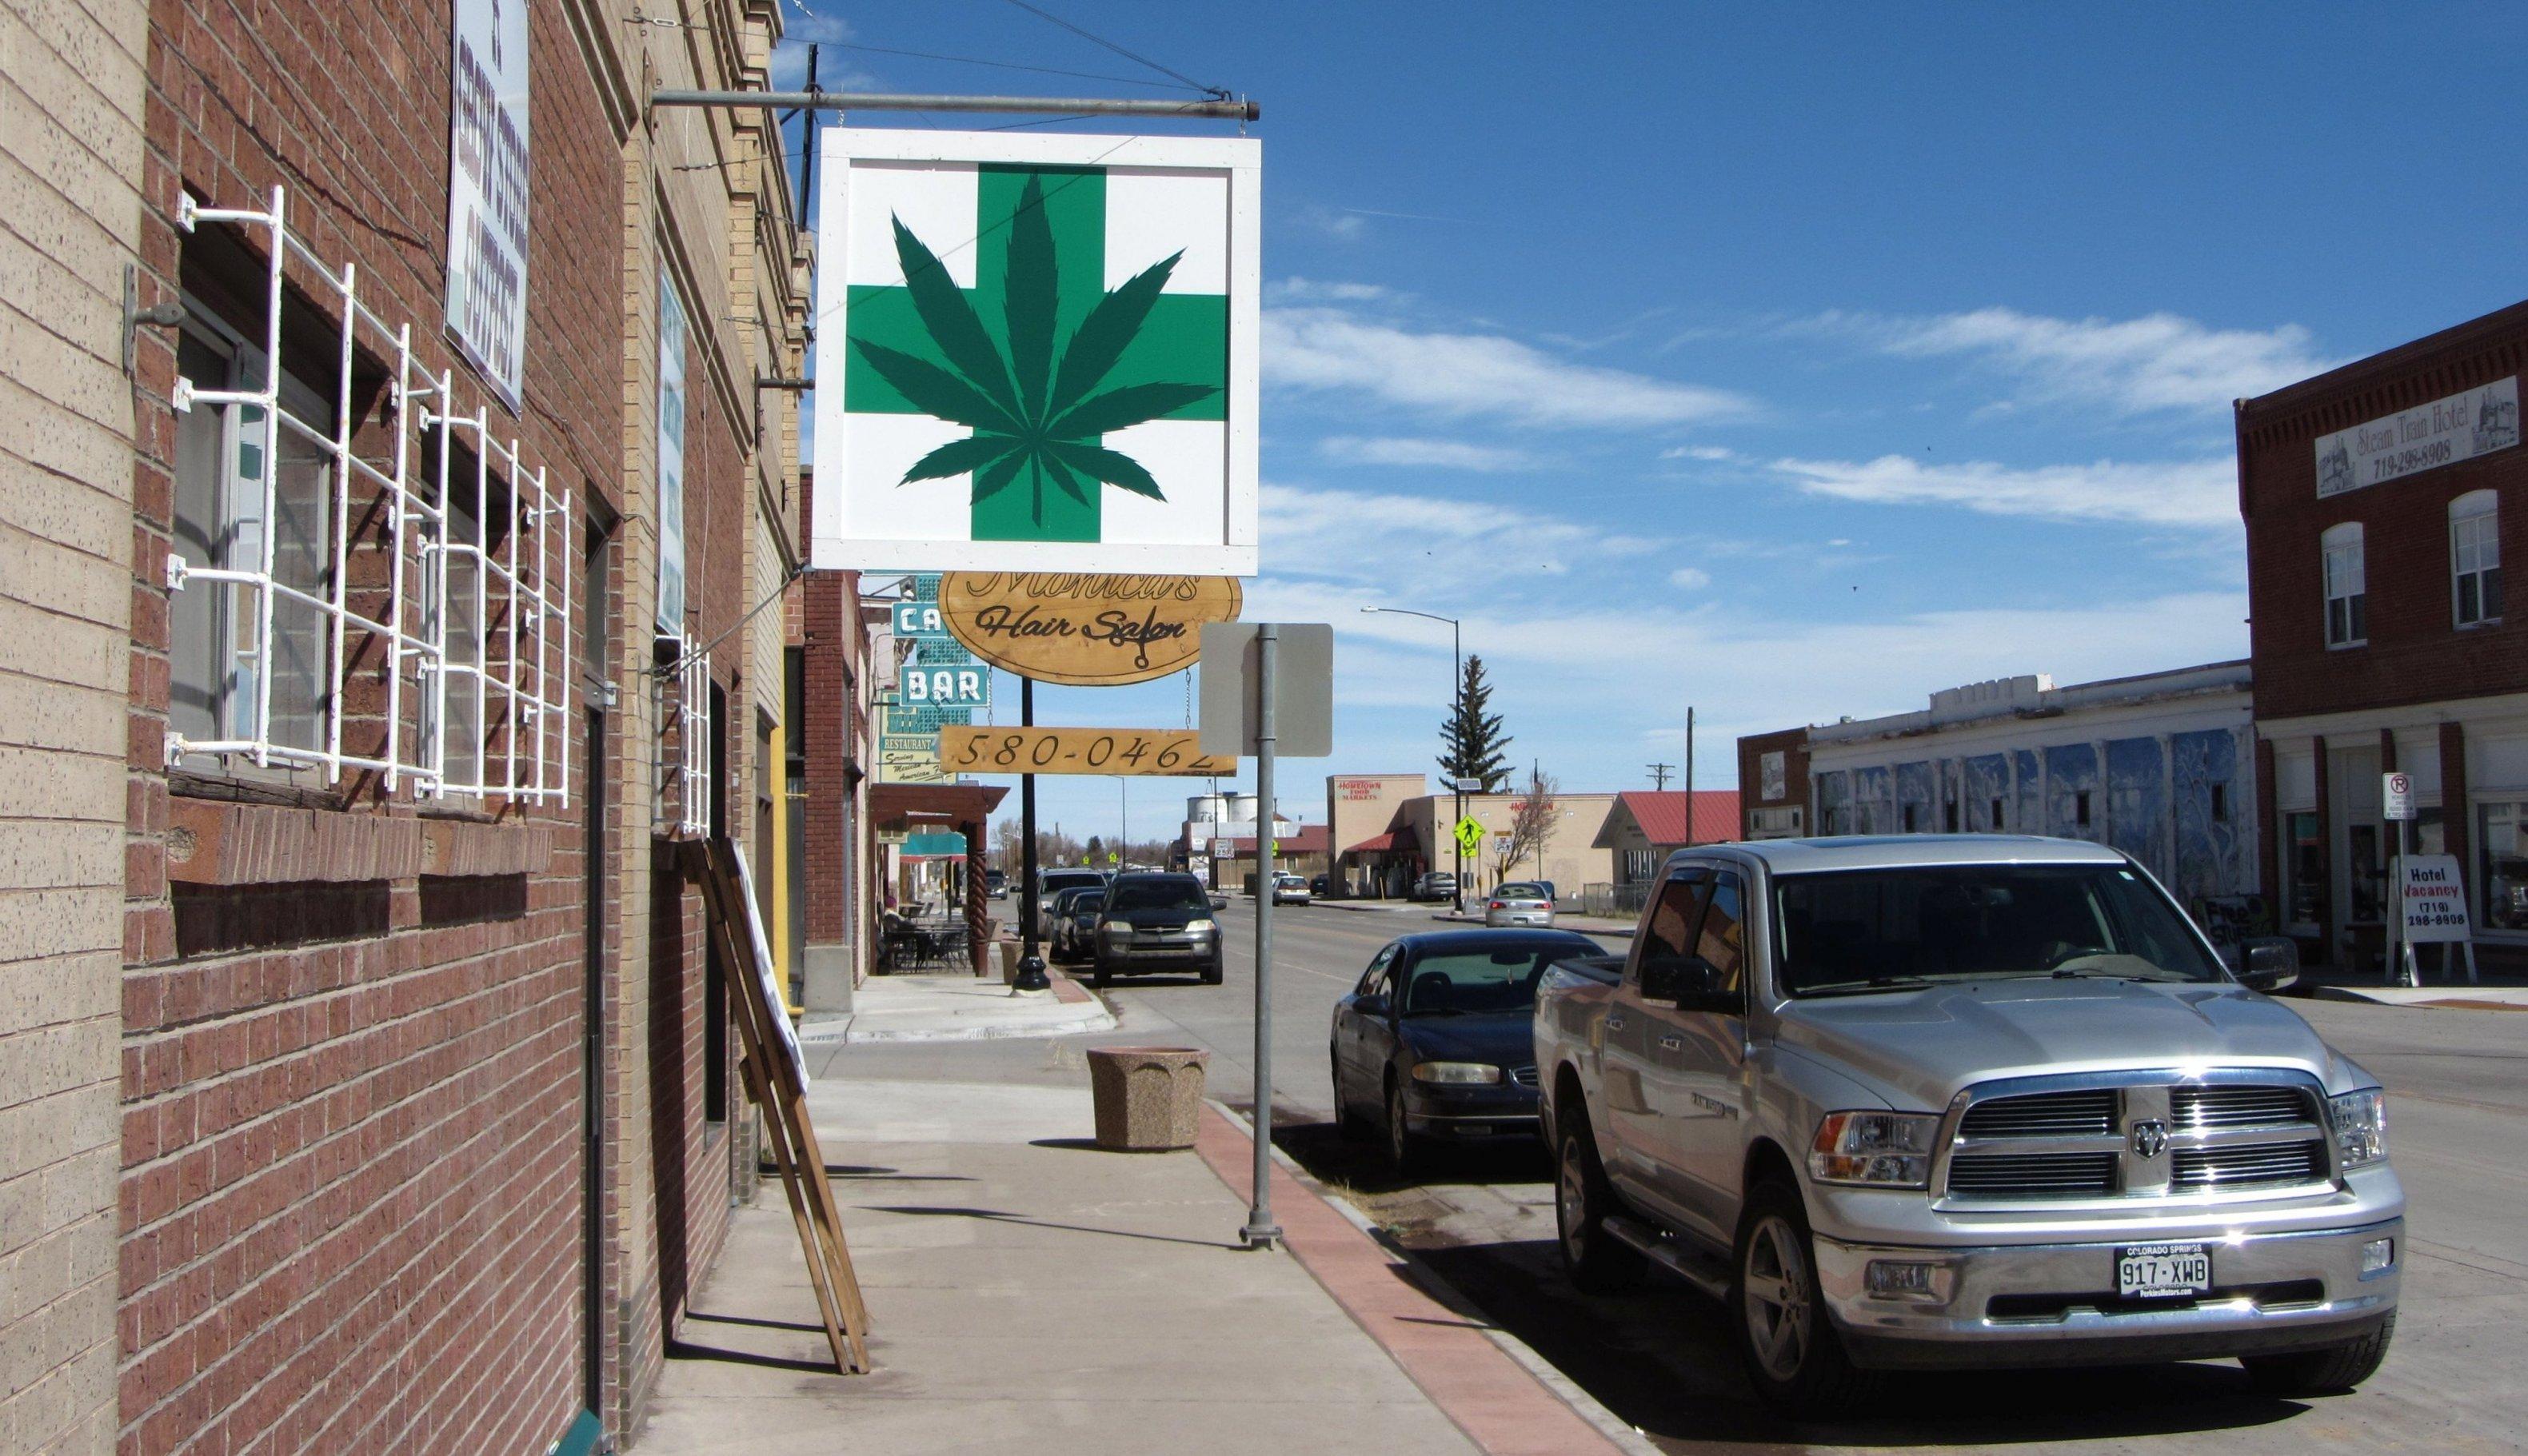 Ein vergittertes Ladengeschäft, vor dem eine Fahne mit einem grünen Kreuz und einem Hanfblatt hängt.